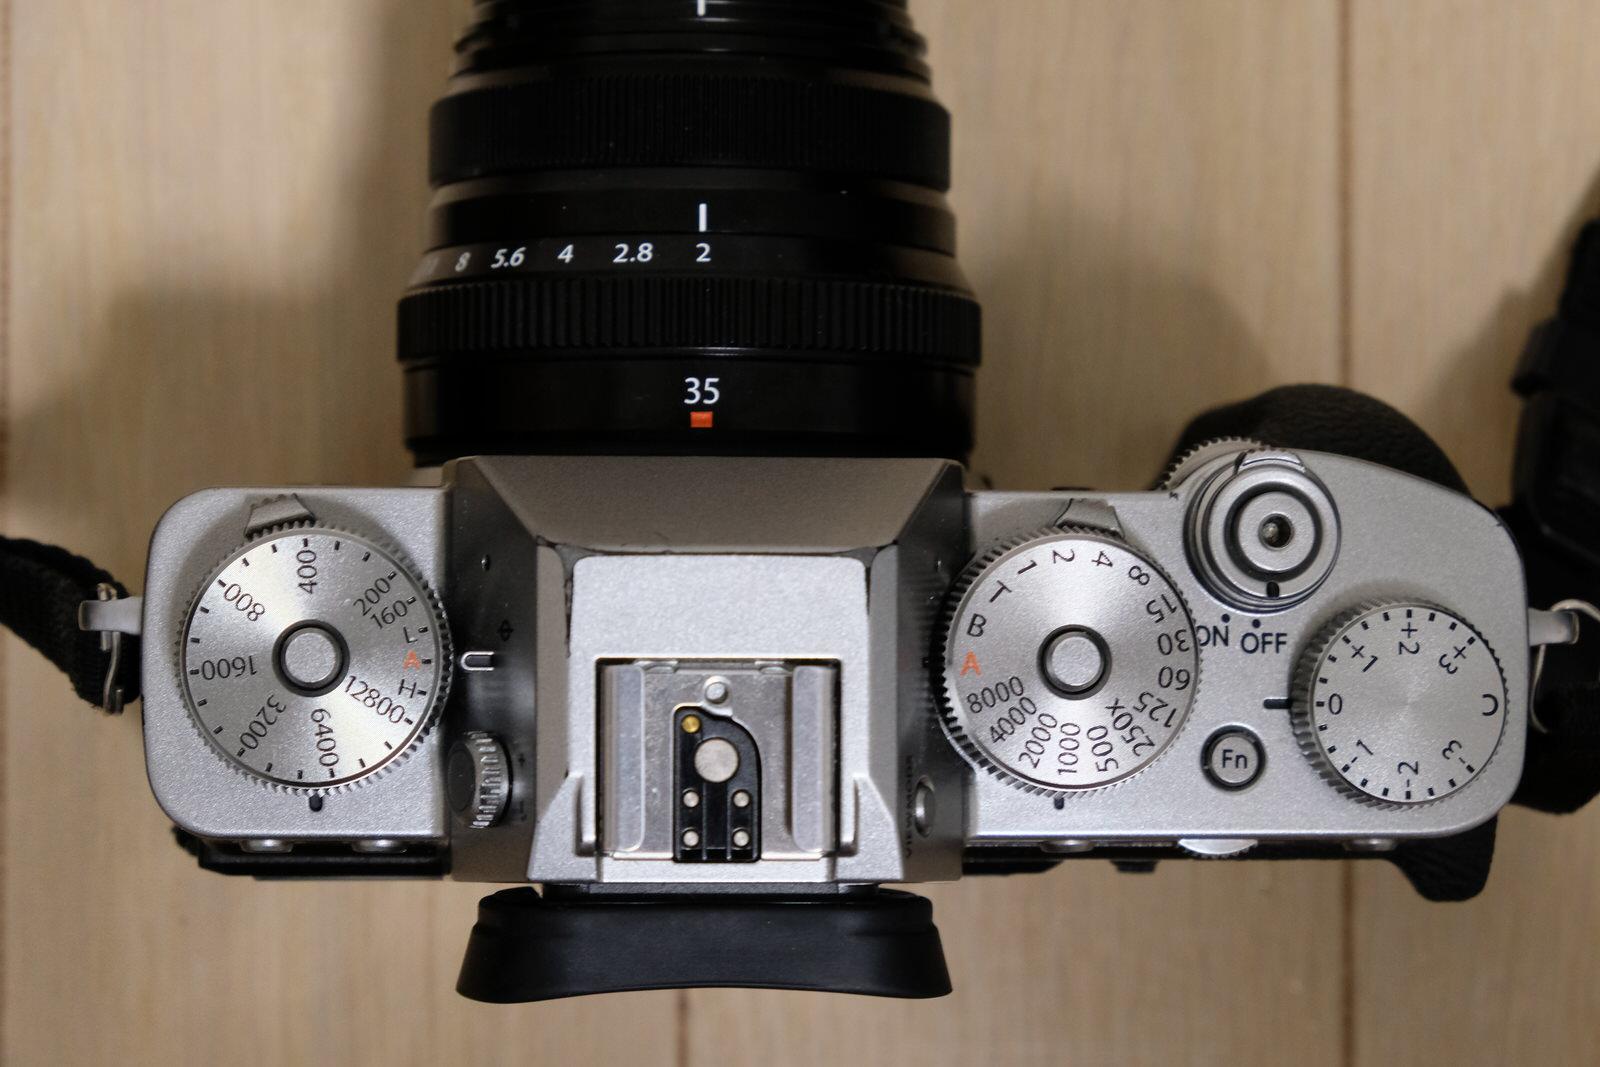 【カメラ比較】X-T4がα7 IIIやSIGMA fpに勝る6つのポイント【主に登山向け】